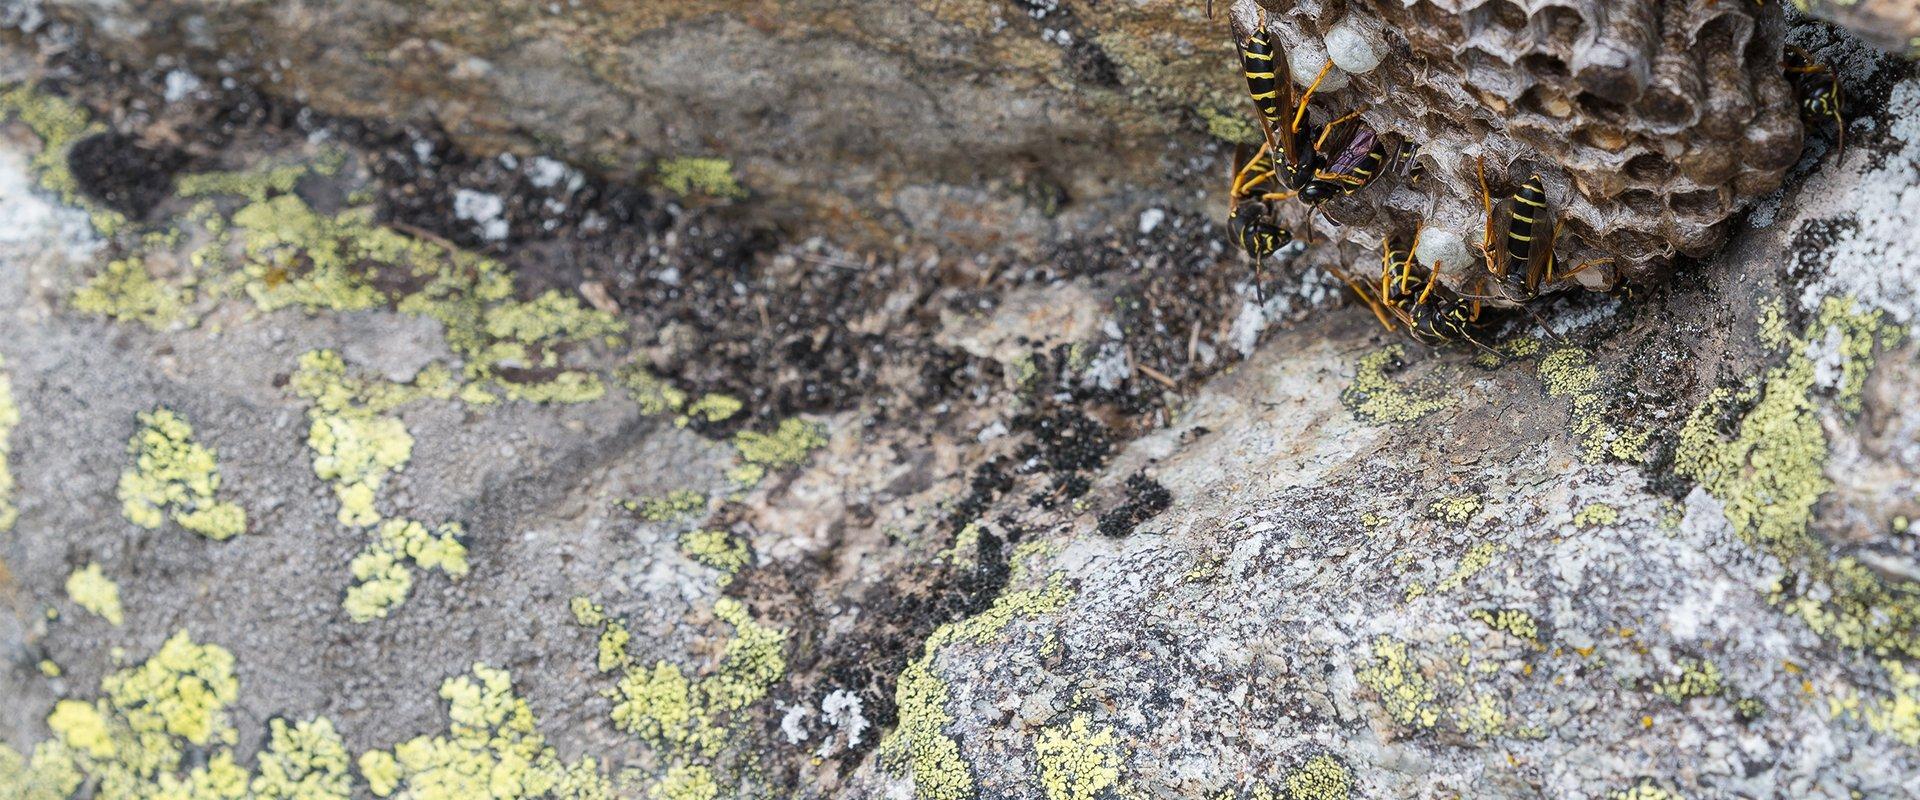 wasps in a nest under rocks